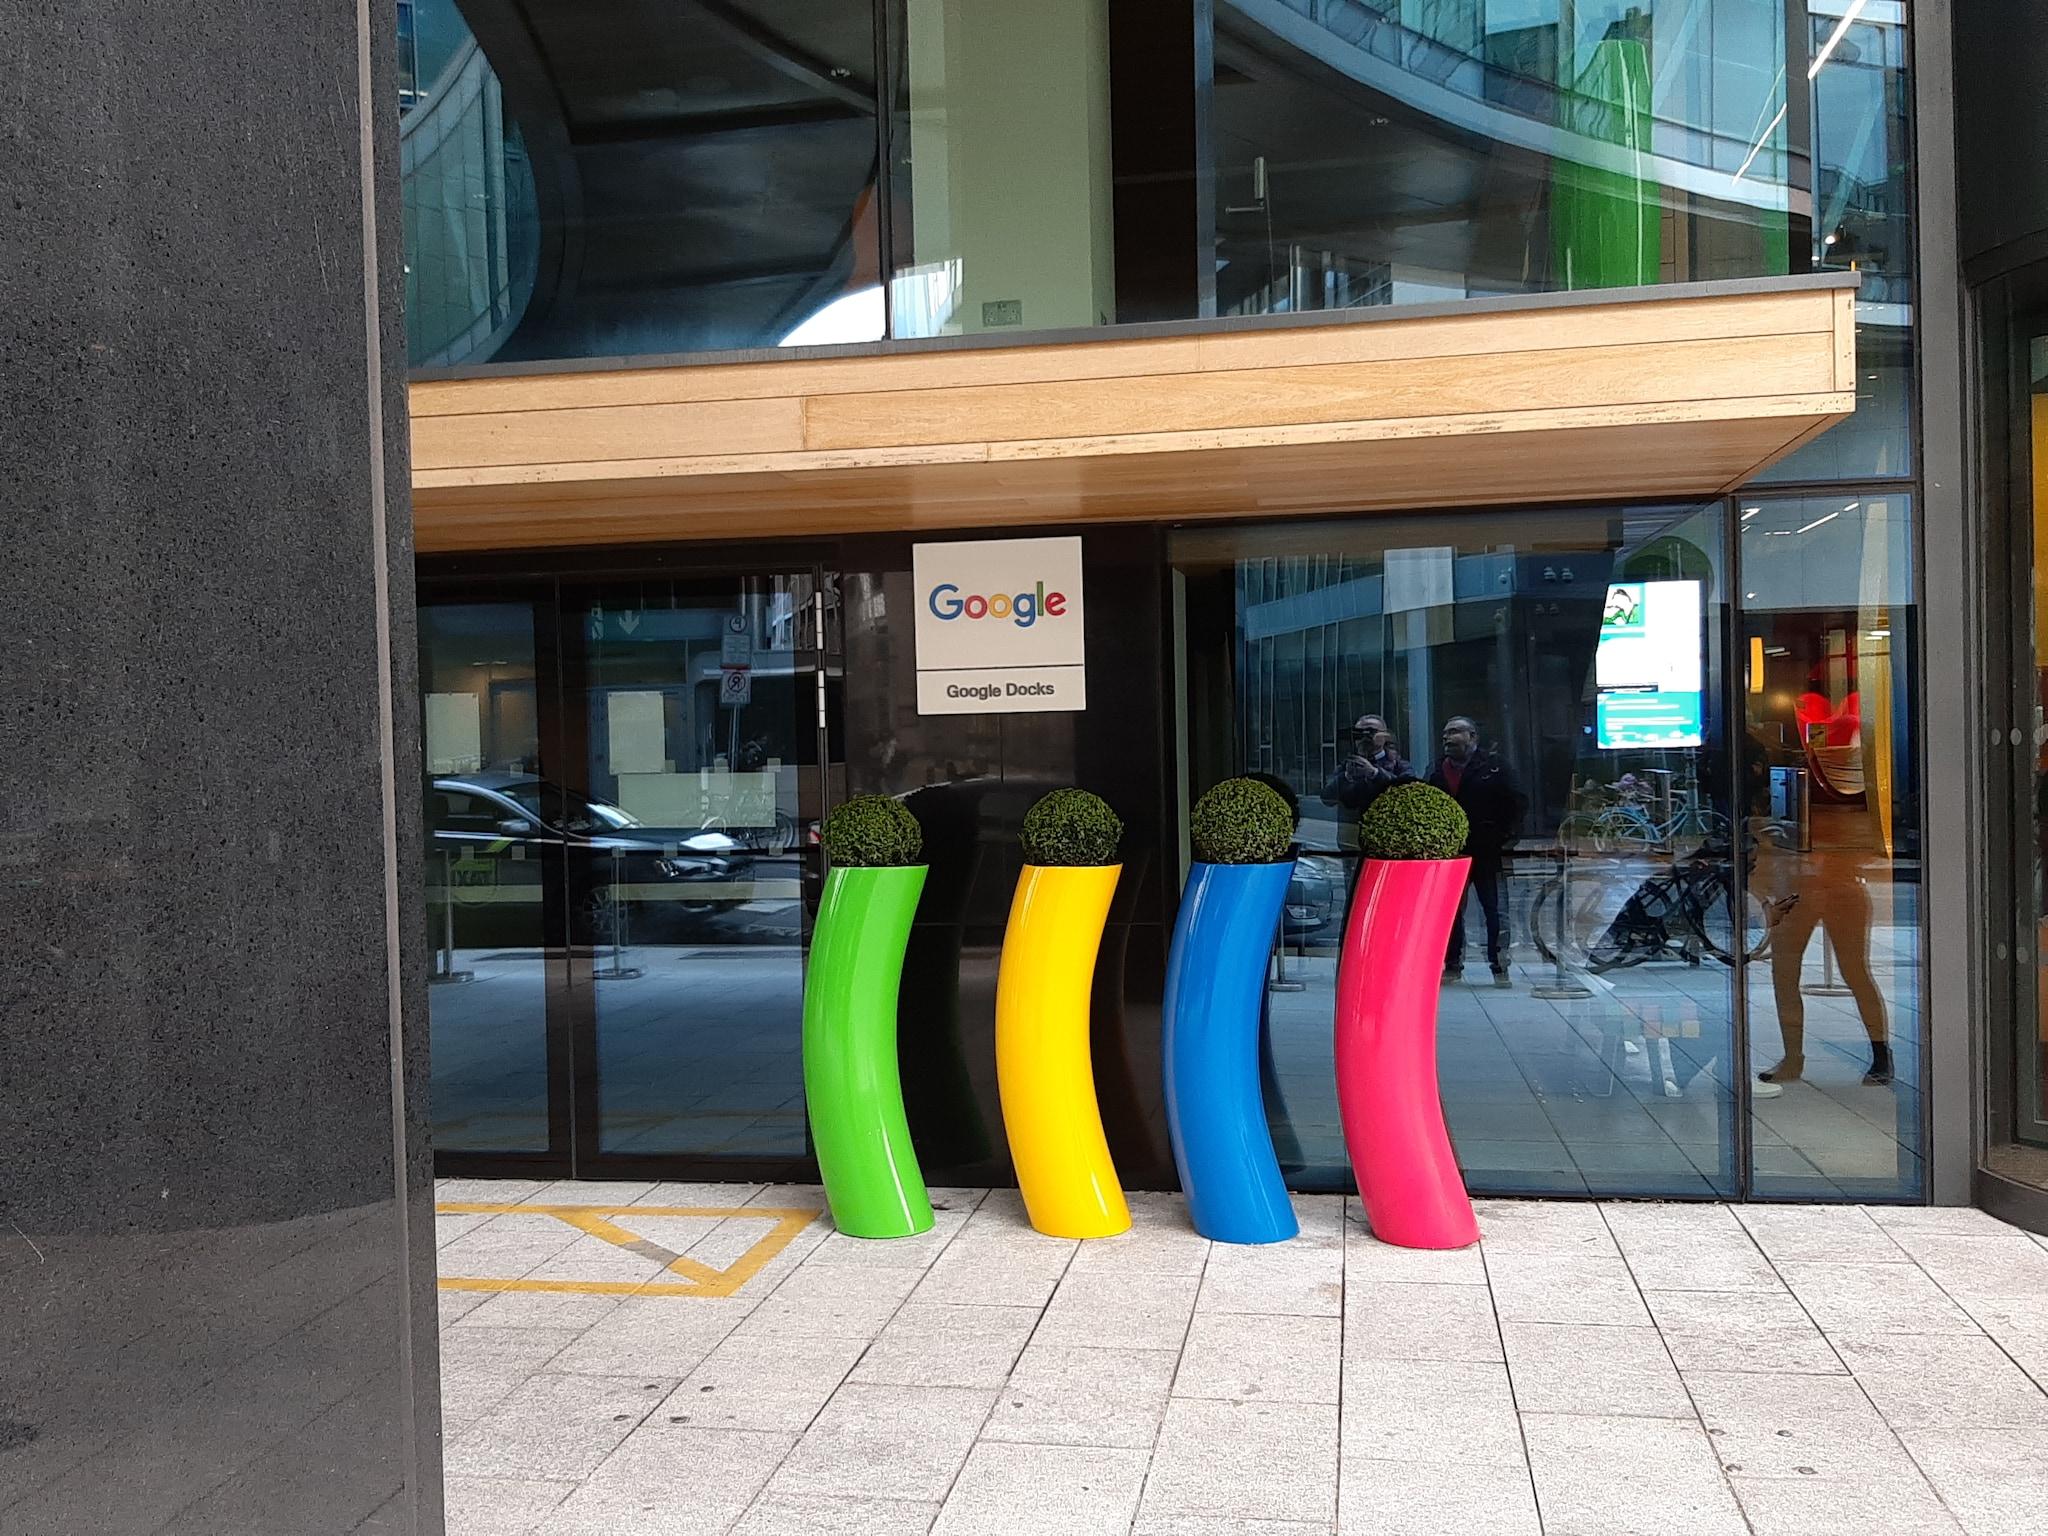 L'ingresso del quartier generale di Google a Dublino